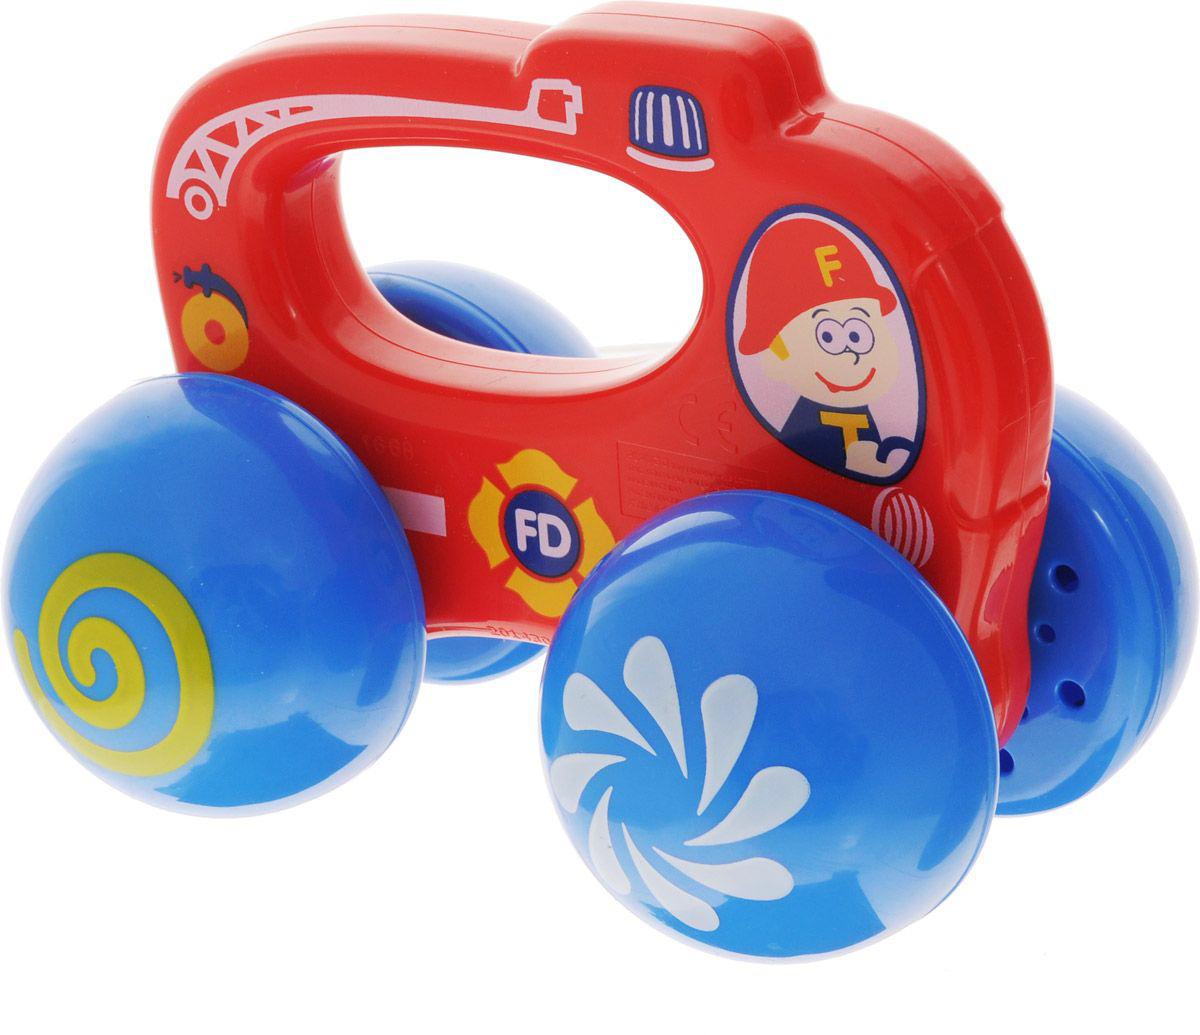 Развивающая игрушка Пожарная машинка - Машинки для малышей, артикул: 158860